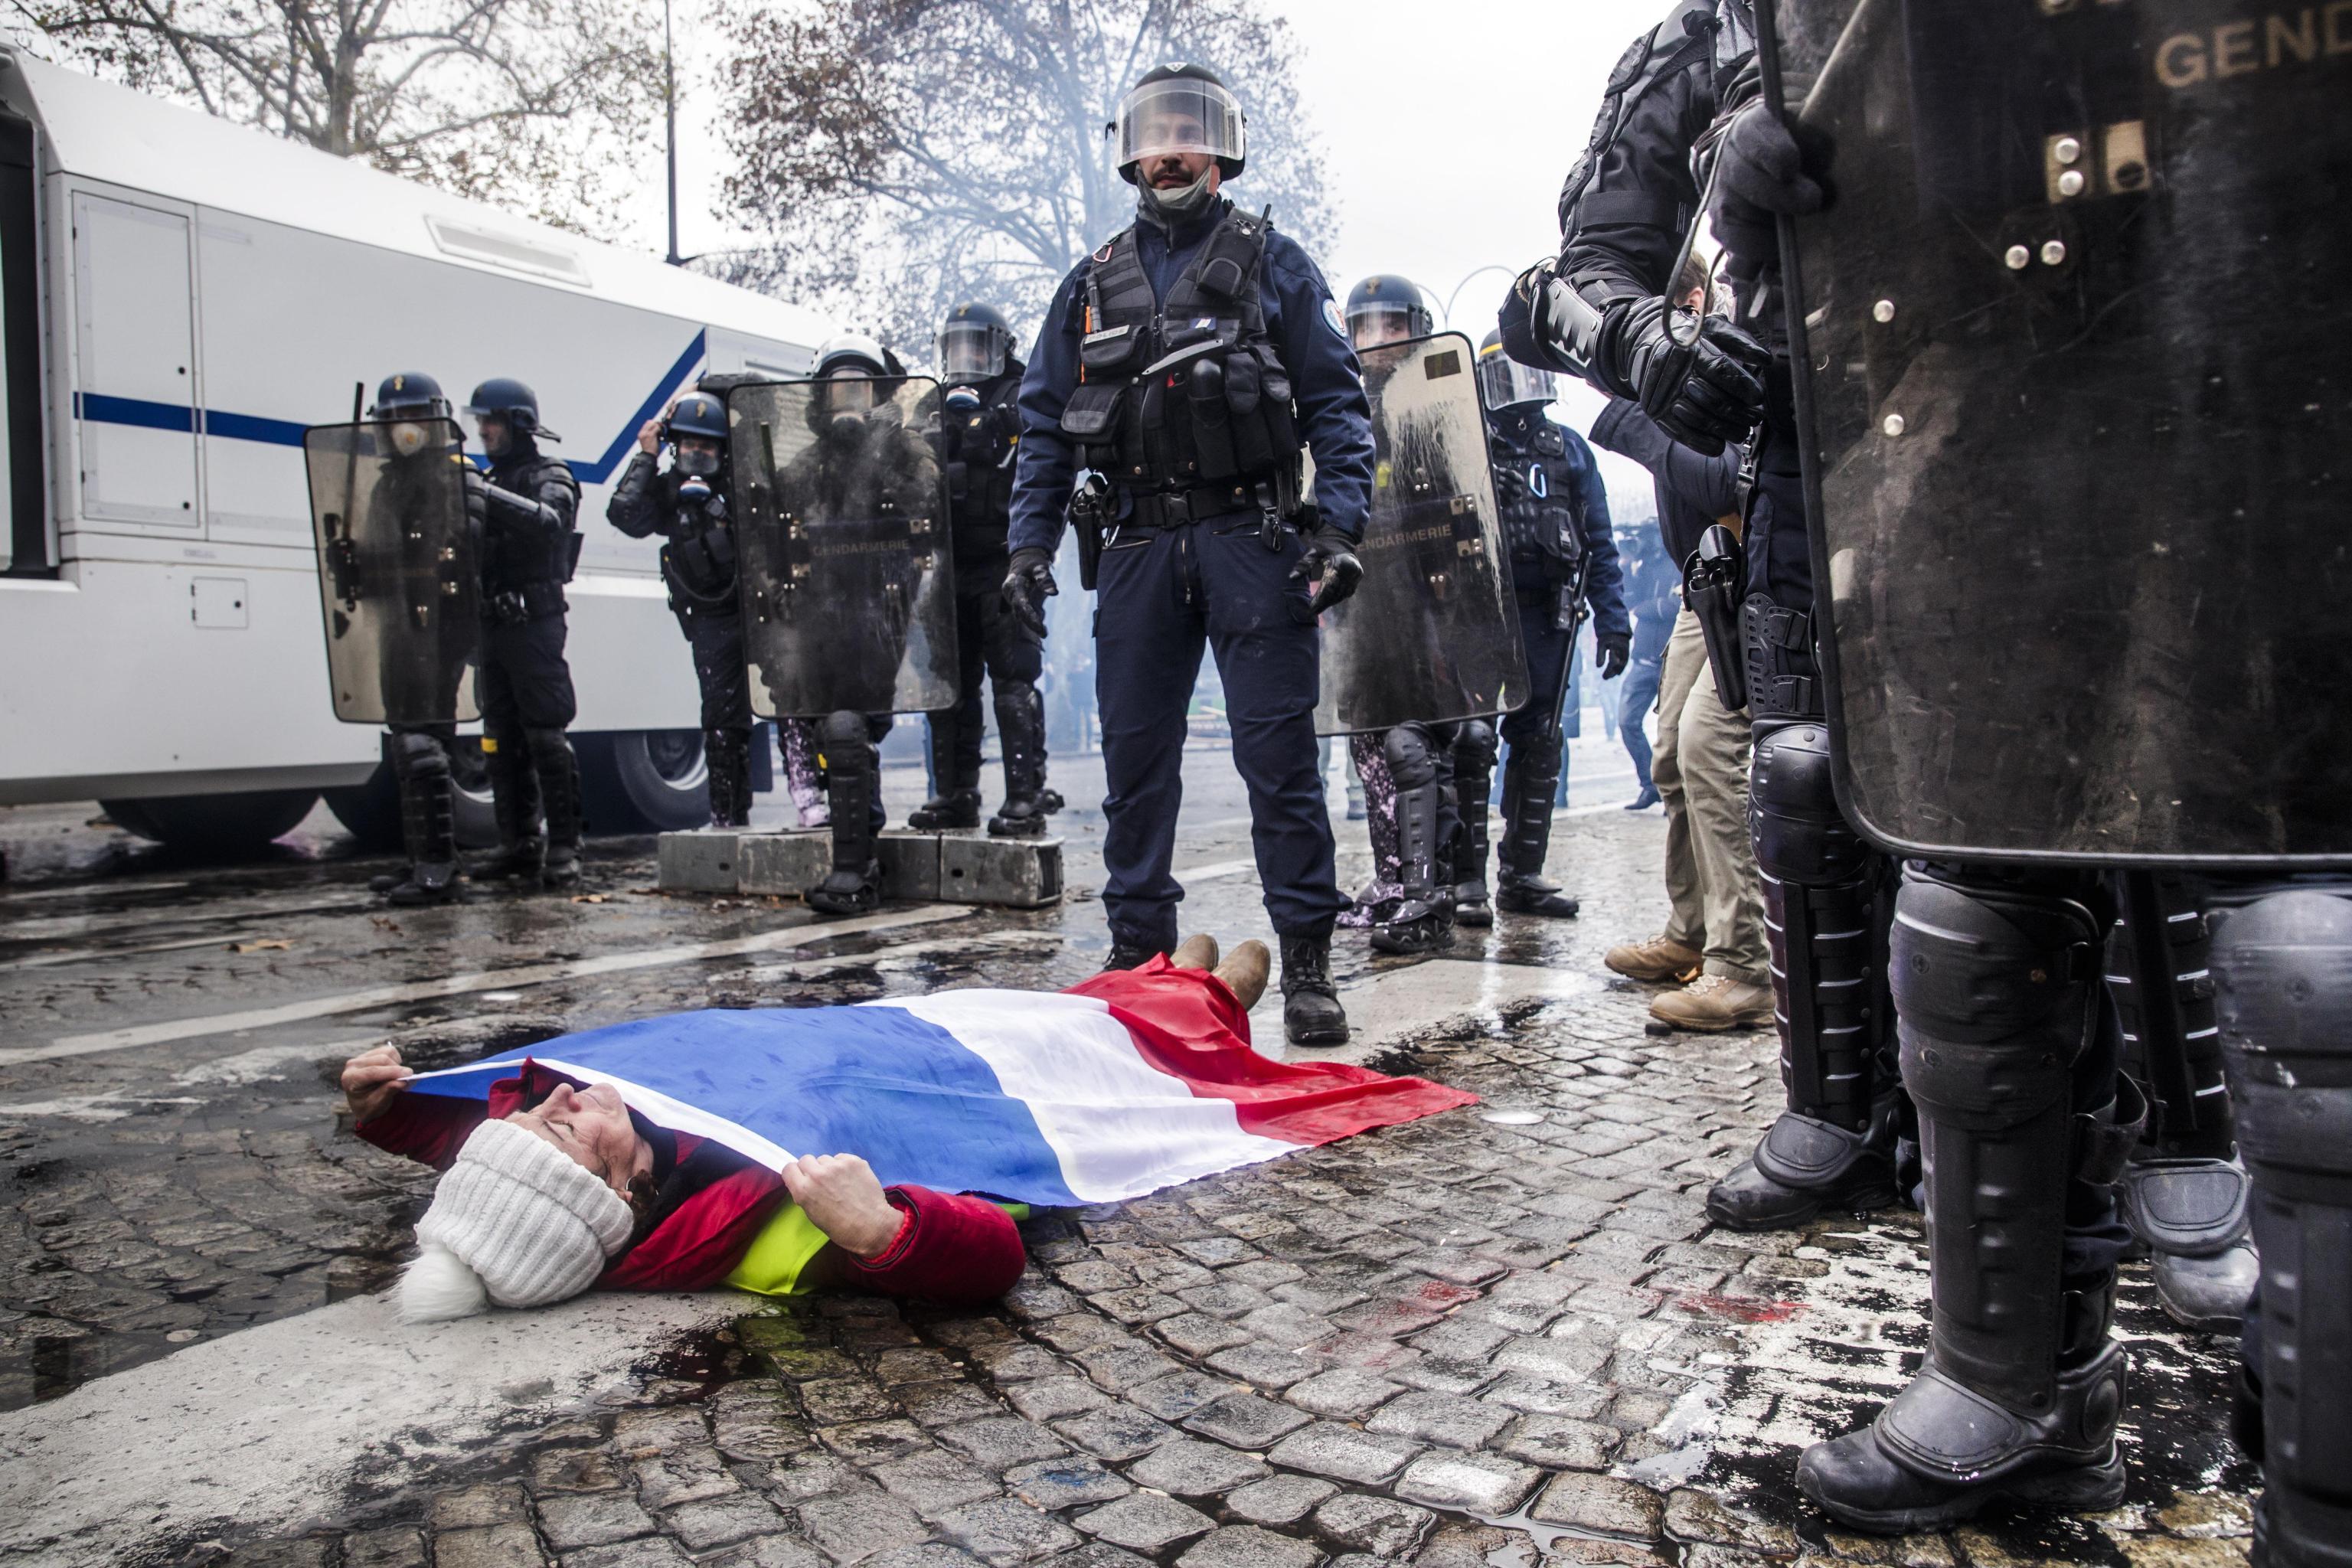 Una manifestante stesa a terra di fronte alla polizia il 24 novembre 2018